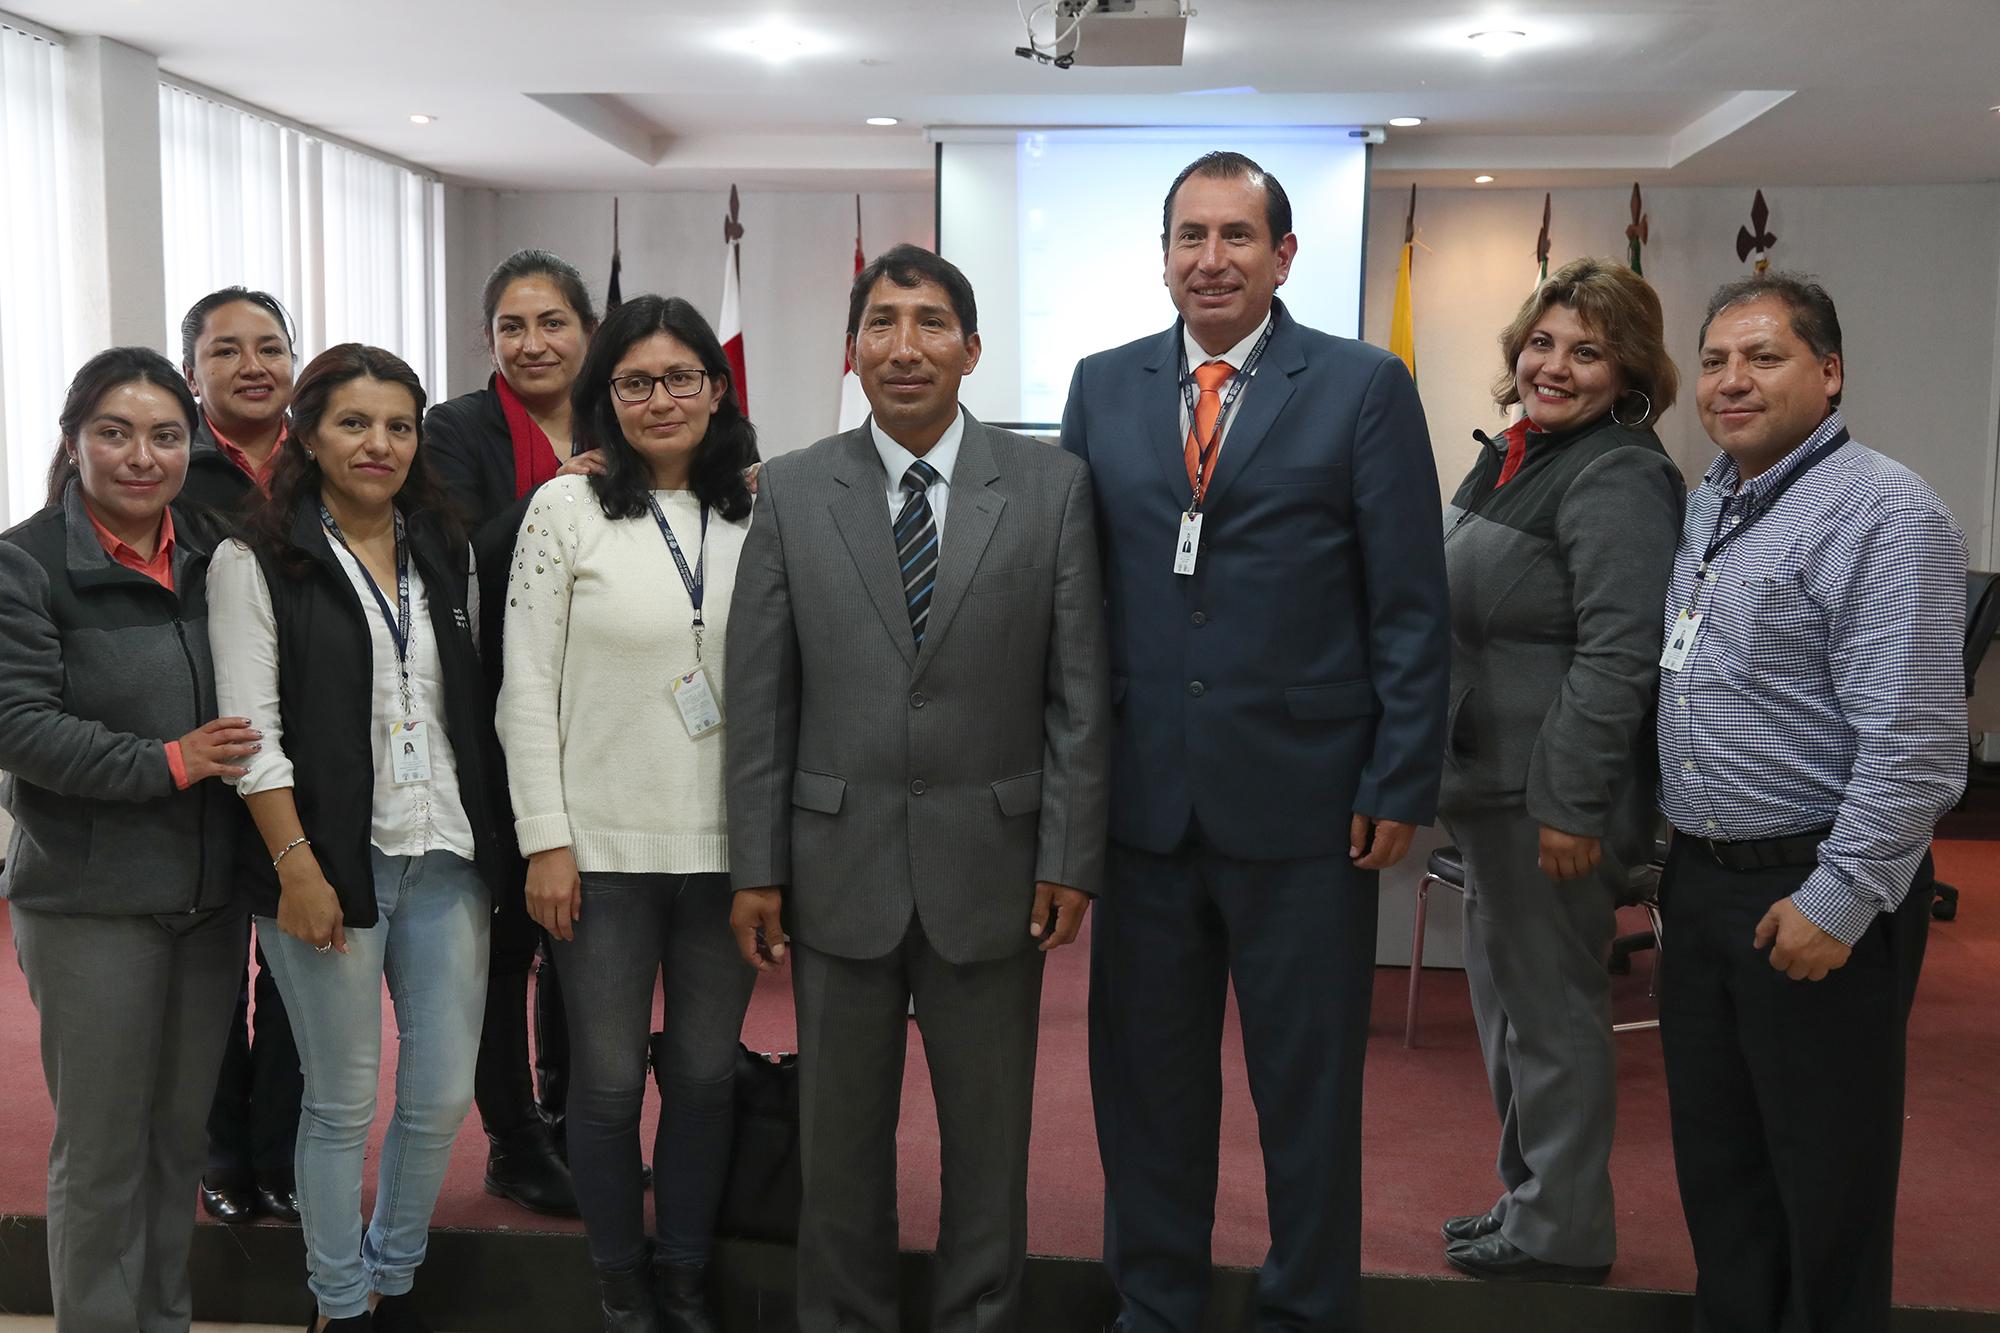 El Alcalde Francisco Yanchatipán se reunió con funcionarios del MIES